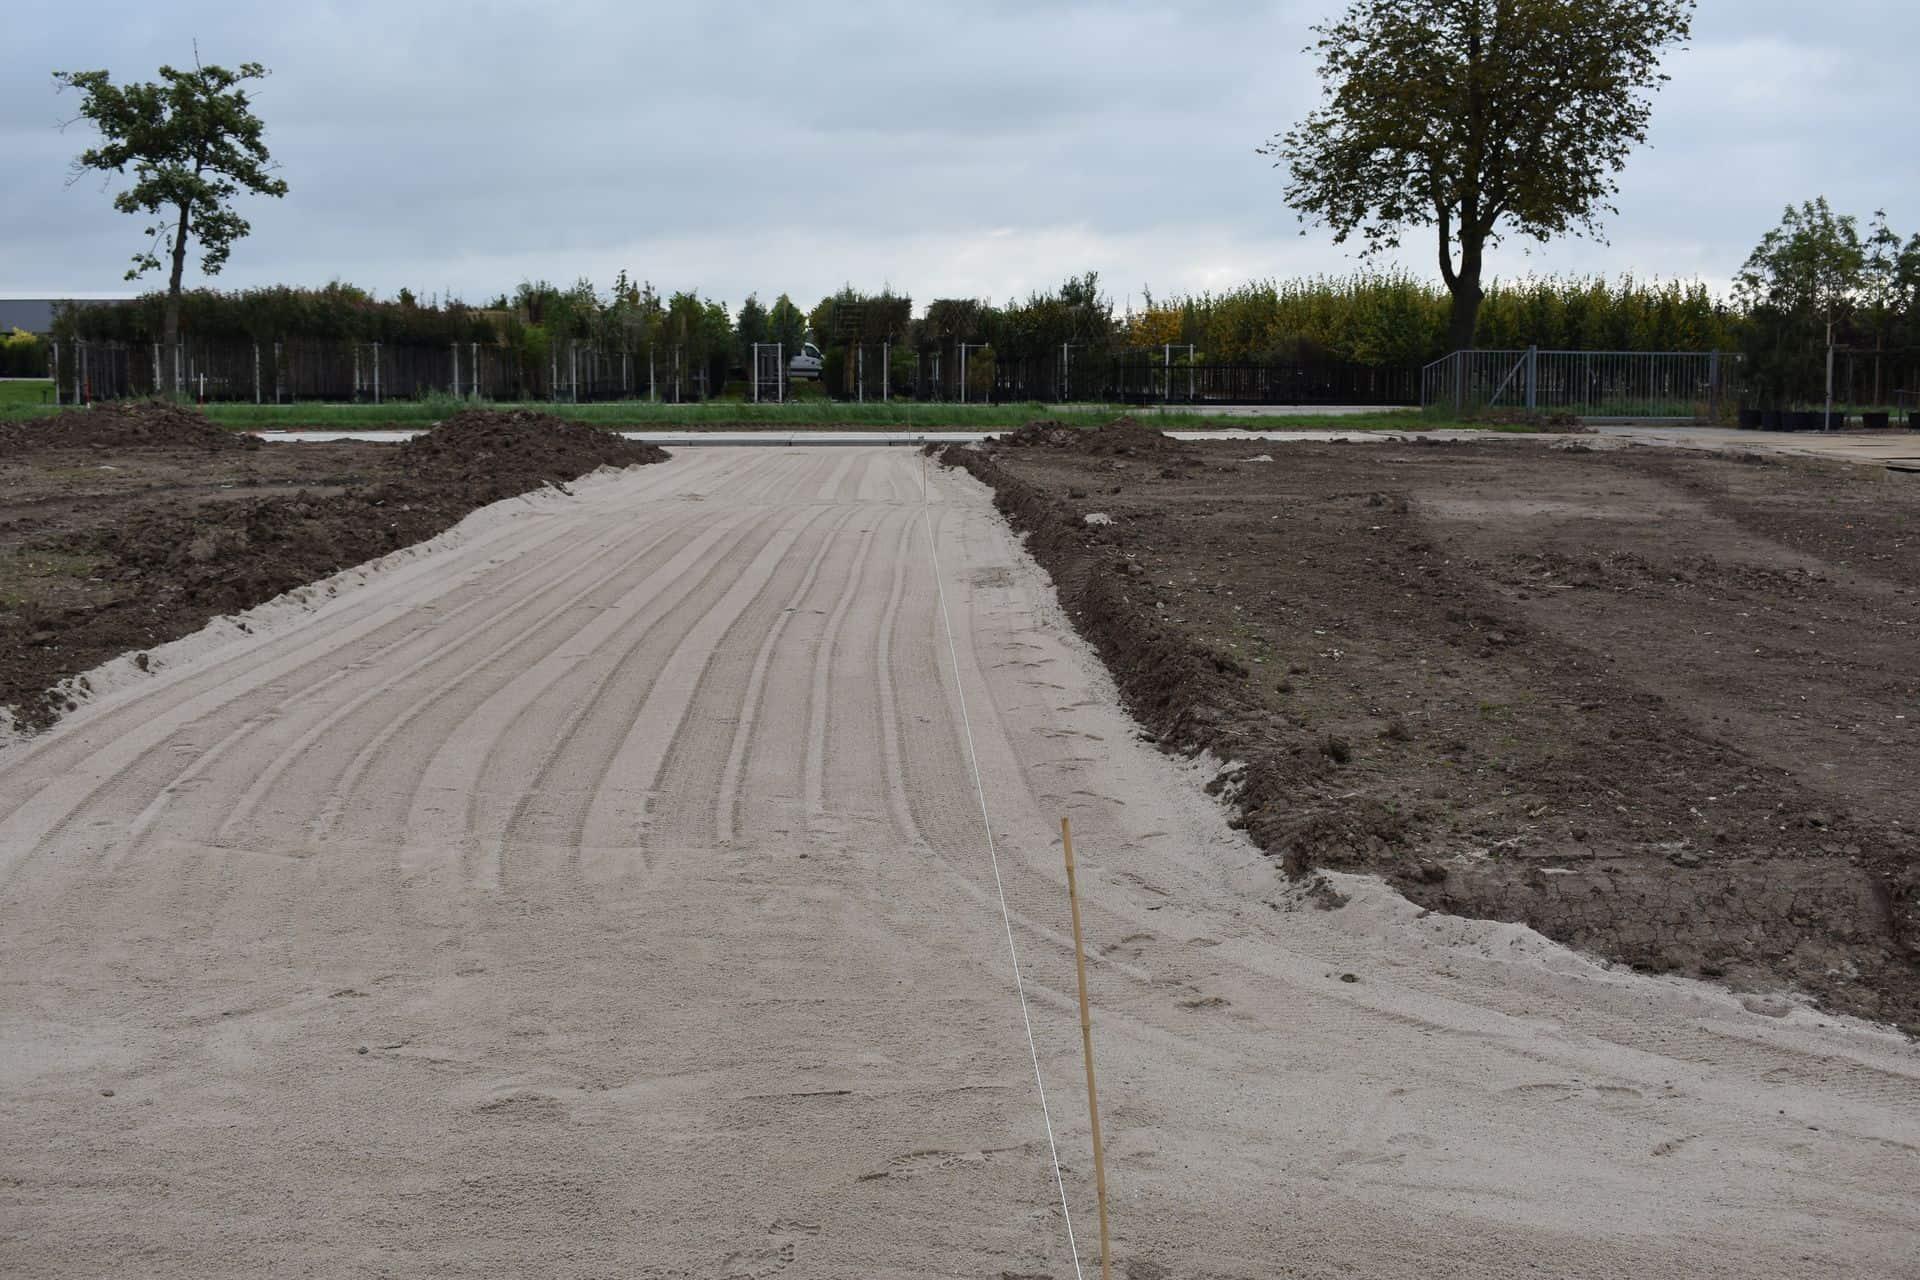 Geëgaliseerde zandbaan | Project kwekerij Opheusden